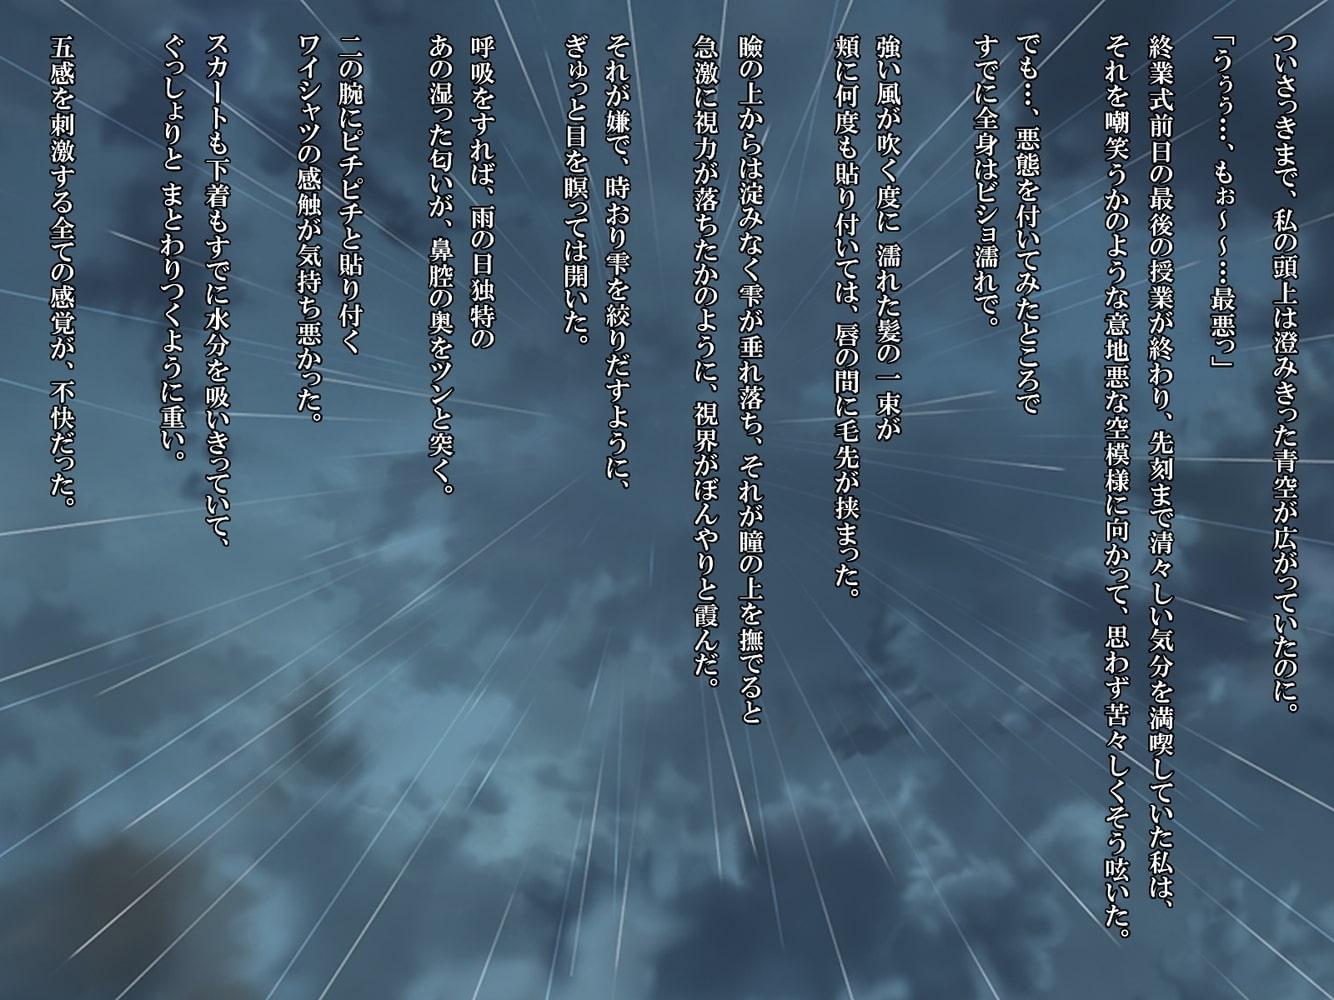 雨上がり、神社にて。(コミック版)